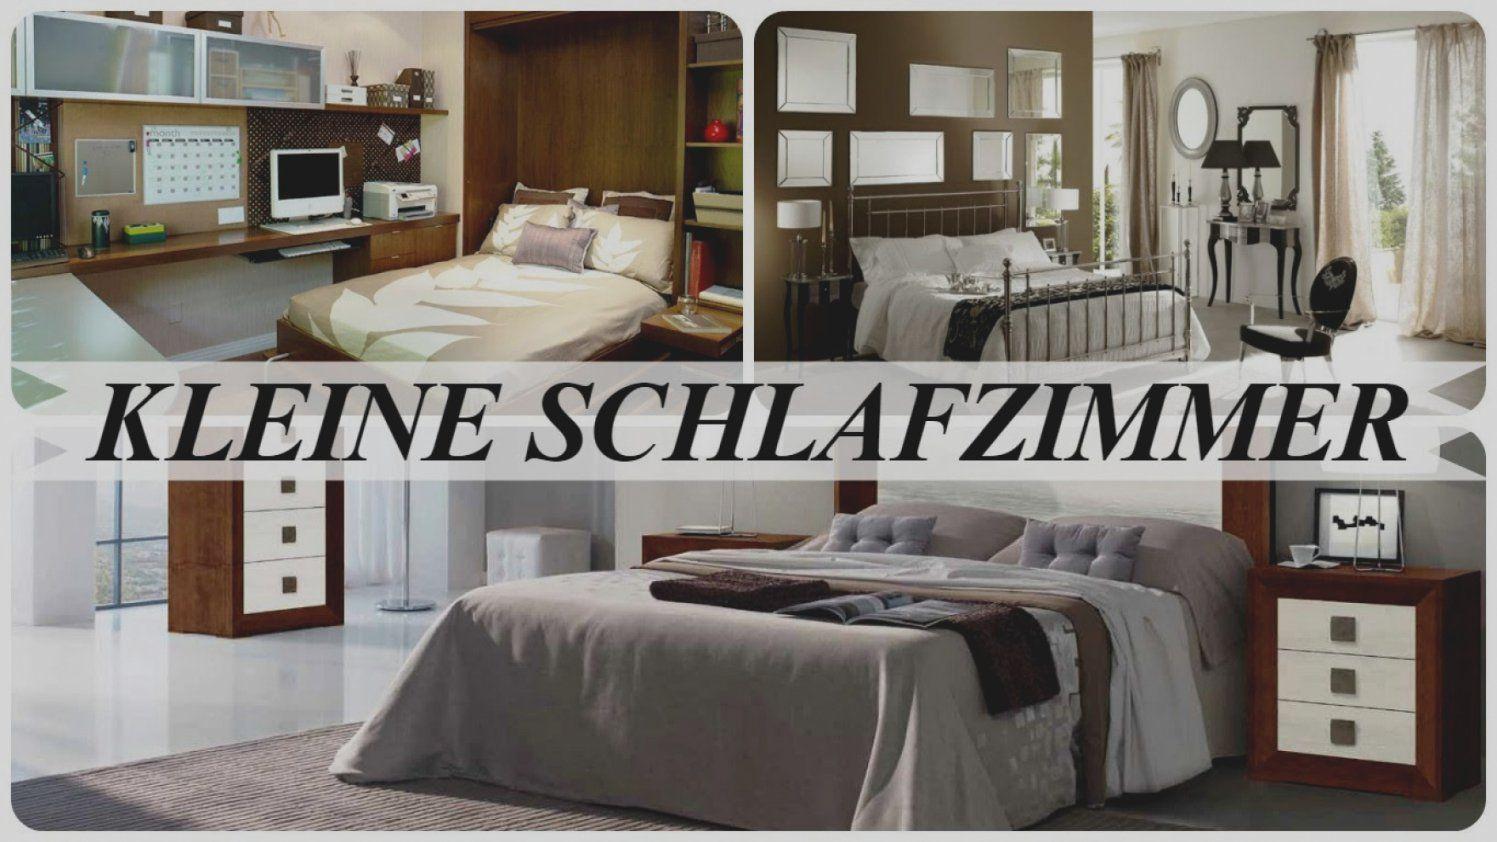 schlafzimmer ideen ohne schrank schlafzimmer wandfarbe muster amazon elektrische lattenroste. Black Bedroom Furniture Sets. Home Design Ideas